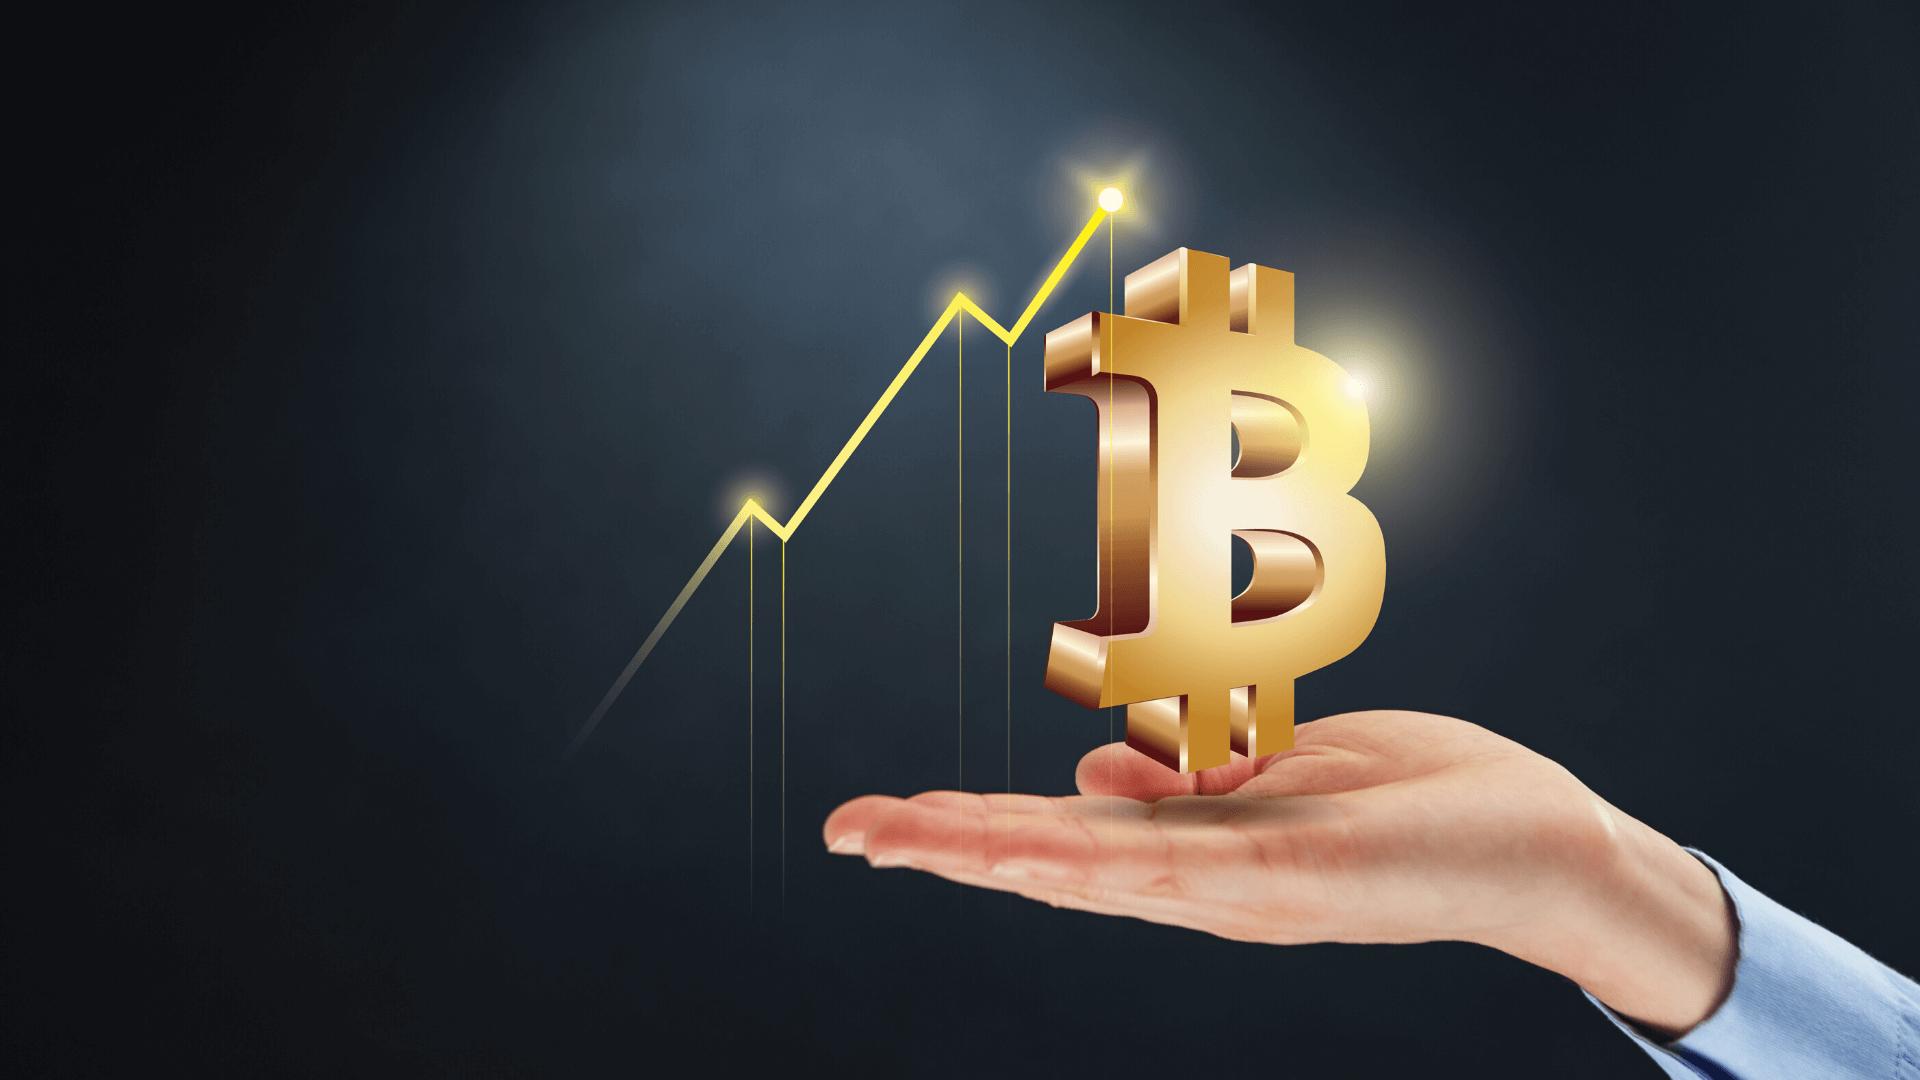 Top Fund Manager erklärt, was Bitcoin in 2 Monaten um 65% gepusht hat